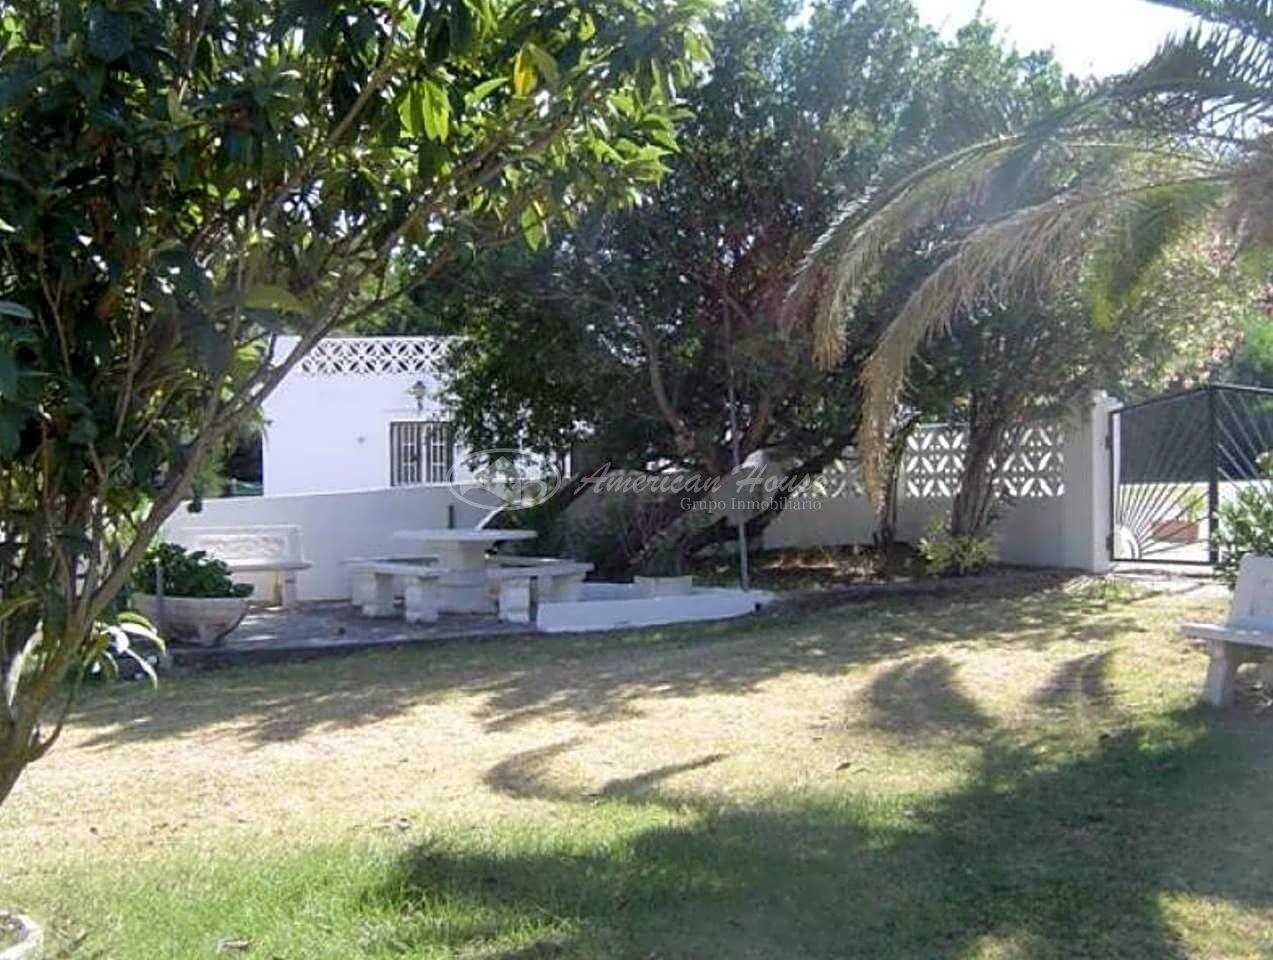 Estupenda Casa Rural en Venta, zona de Punta Paloma, Tarifa, Cádiz